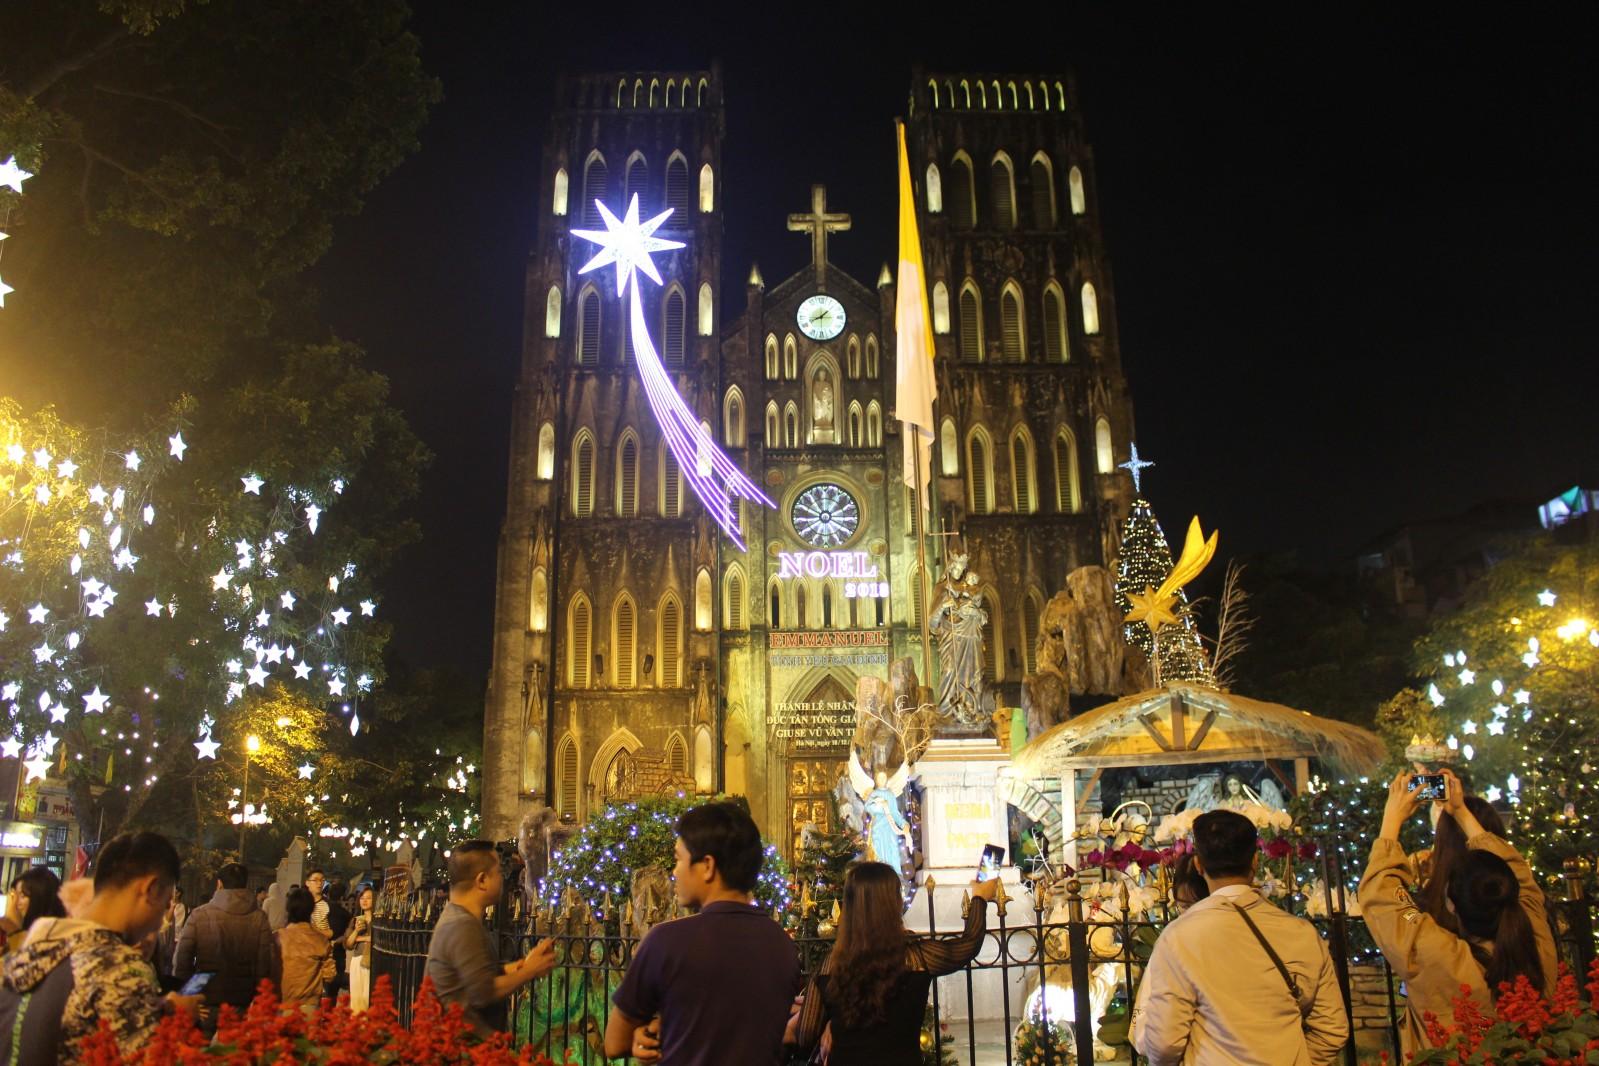 Nhà thờ lớn - một trong những nhà thờ cổ kính nhất ở Thủ Đô (40 phố Nhà Chung, Hoàn Kiếm, Hà Nội ) vốn là địa điểm quen thuộc để đón lễ giáng sinh